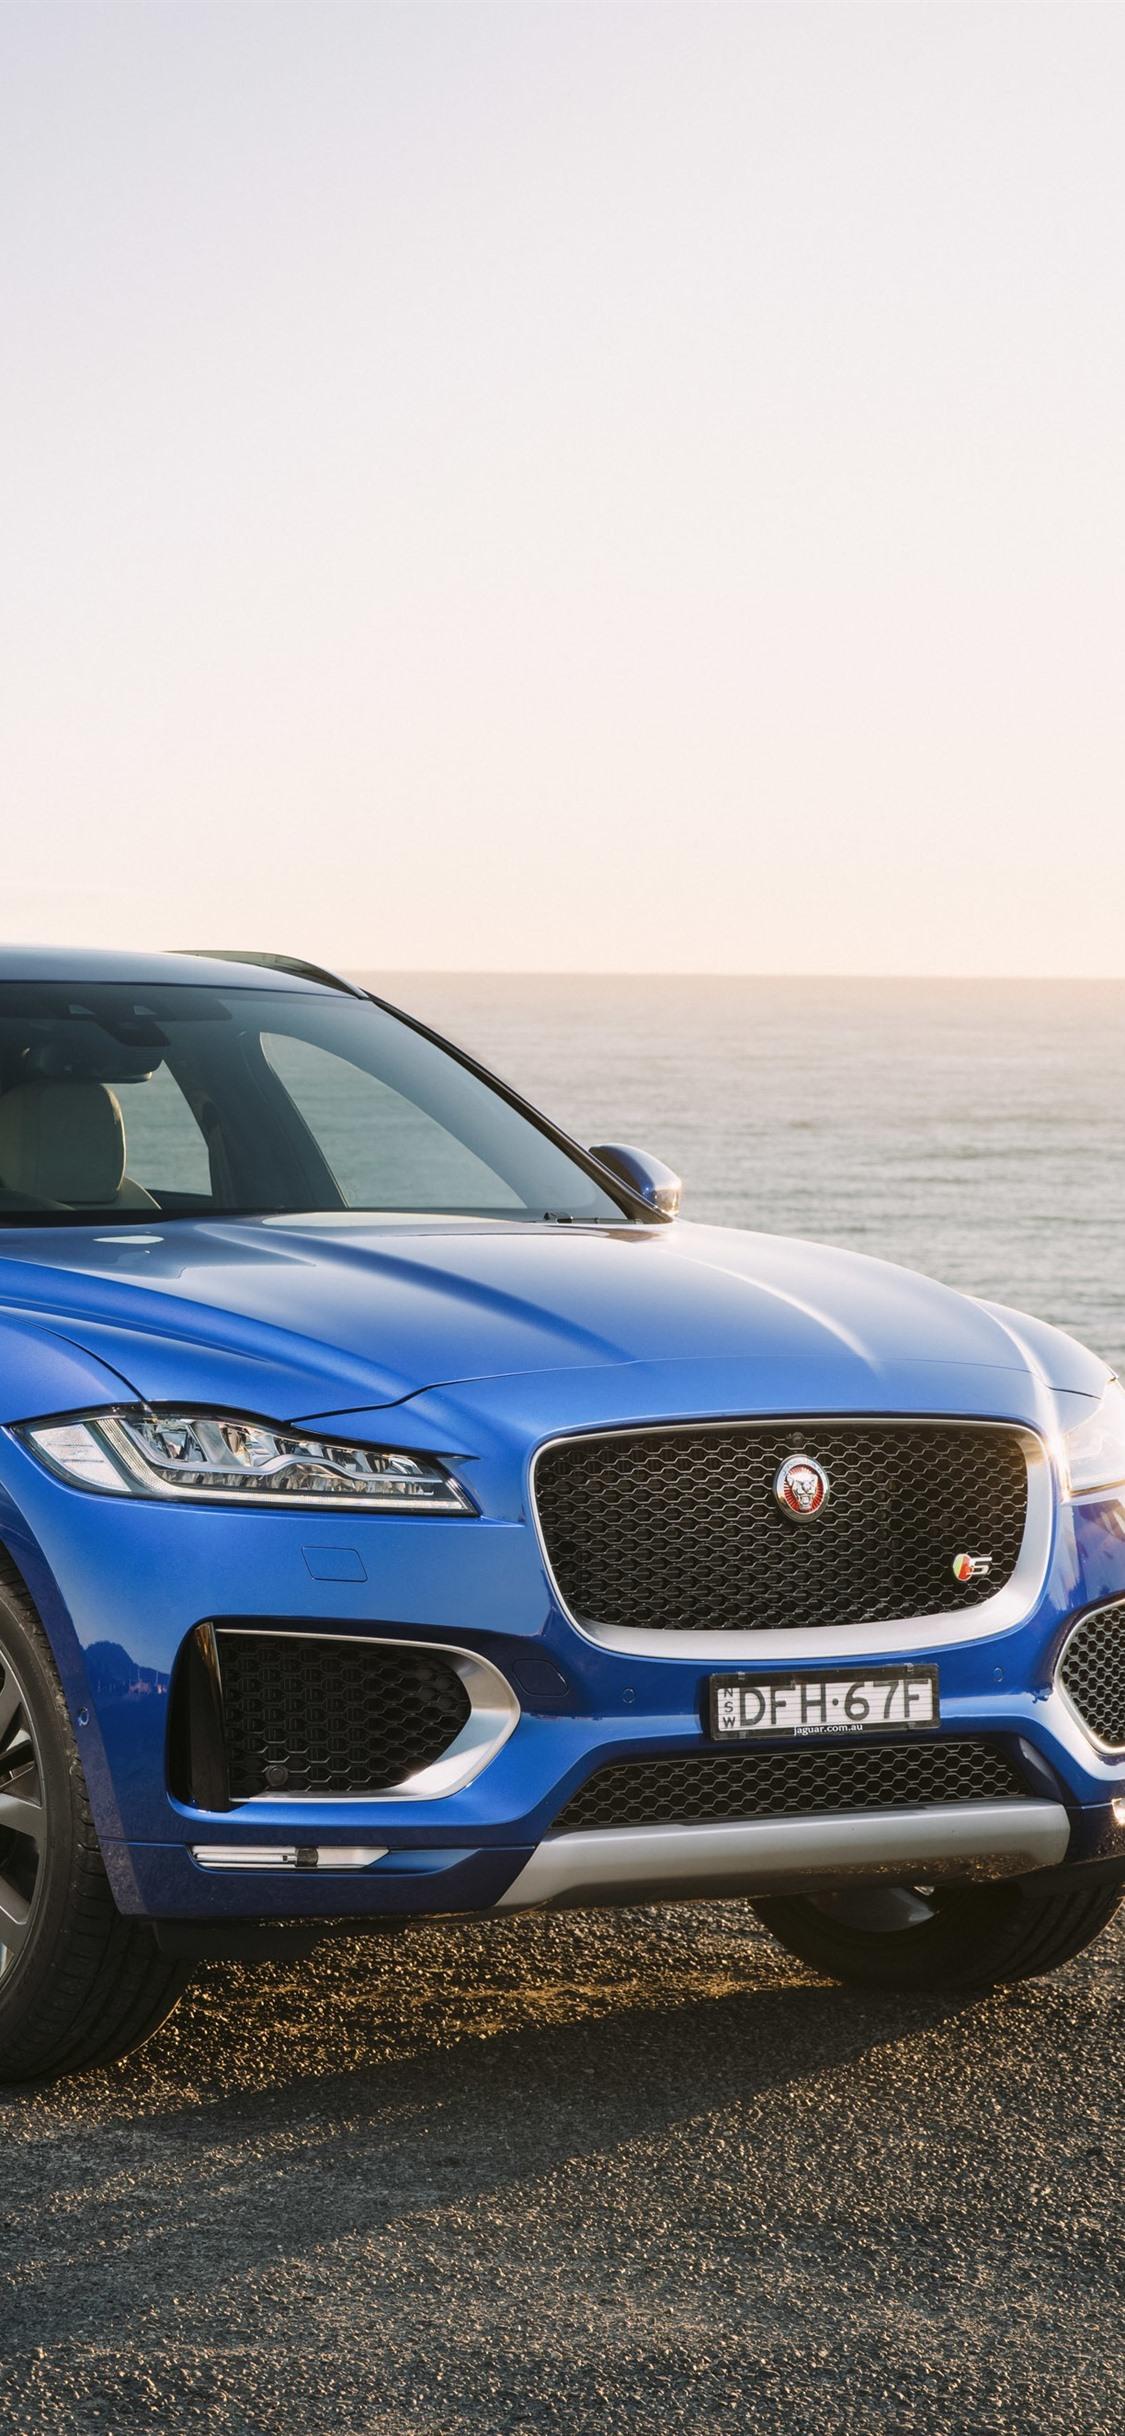 Jaguar F-Pace Blue SUV Car 1125x2436 IPhone XS/X Wallpaper